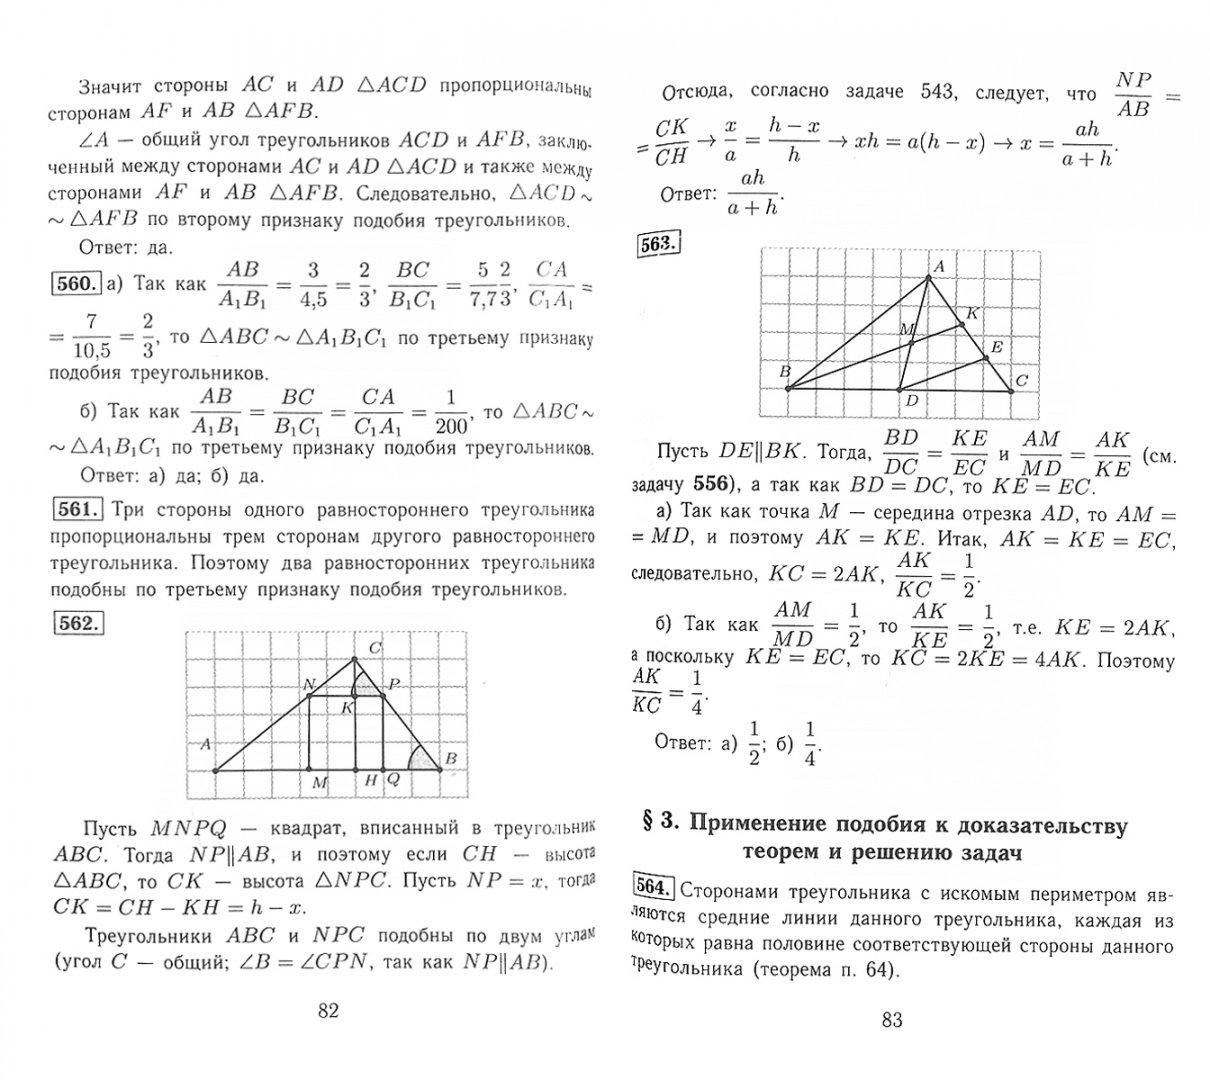 Иллюстрация 1 из 6 для Все домашние работы по геометрии за 8 класс к учебнику и рабочей тетради Атанасяна Л.С. ФГОС - М. Захарцов | Лабиринт - книги. Источник: Лабиринт